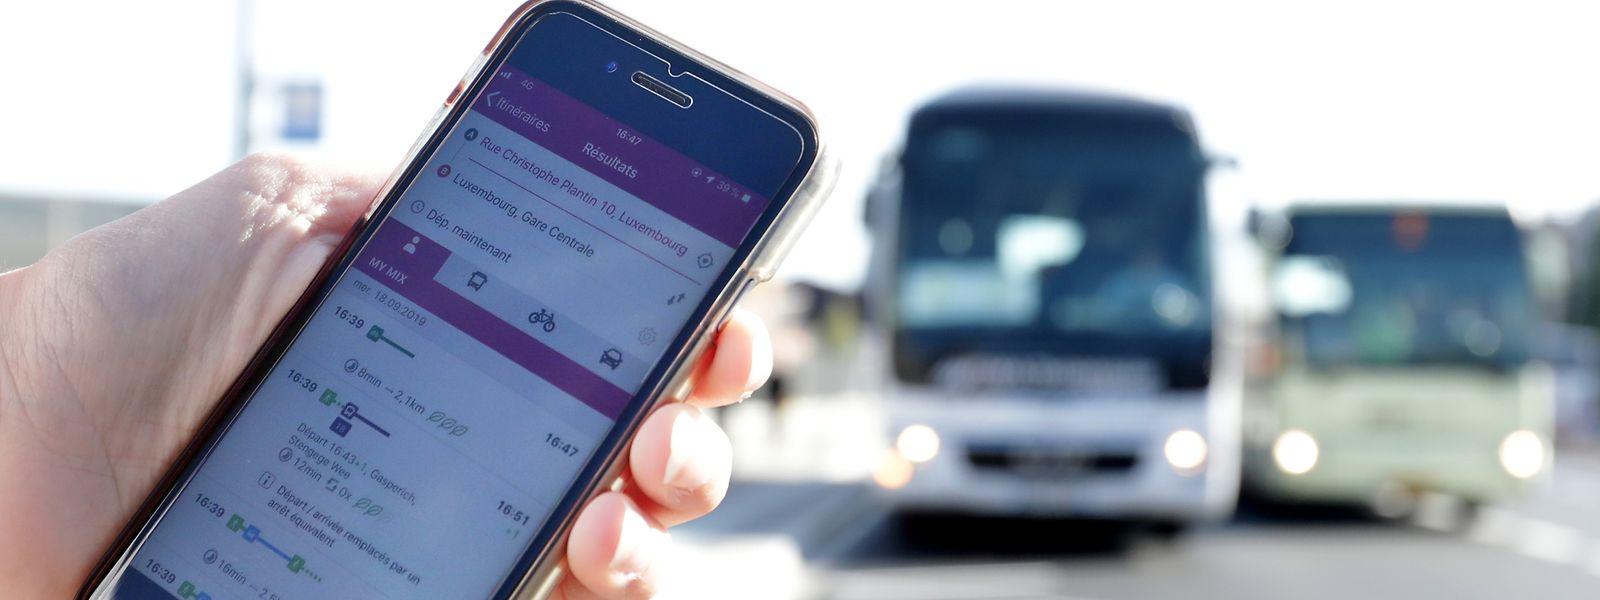 Bus, Tram, Fahrrad, eigenes Auto oder einfach zu Fuß: Die neue App soll schnell und umfassend über jede Mobilitätsoption informieren.